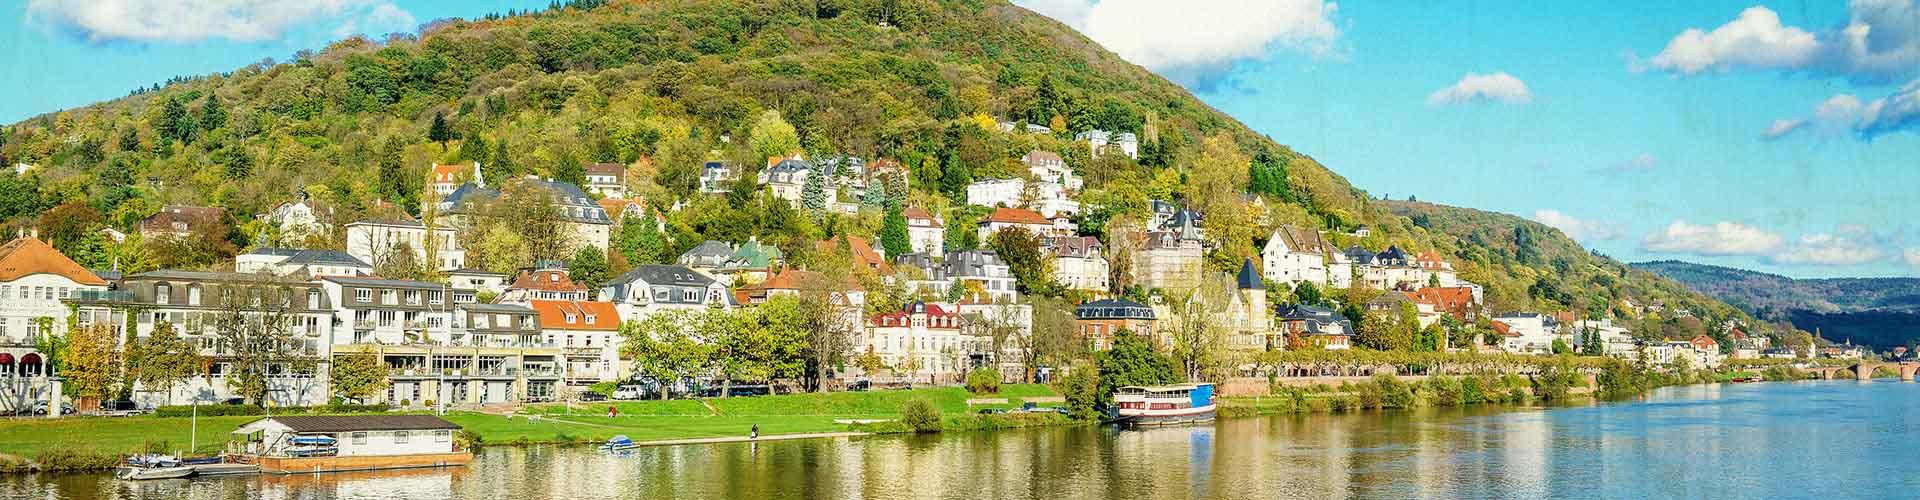 Heidelberg – Albergues em Heidelberg. Mapas para Heidelberg, Fotos e Avaliações para cada Albergue em Heidelberg.